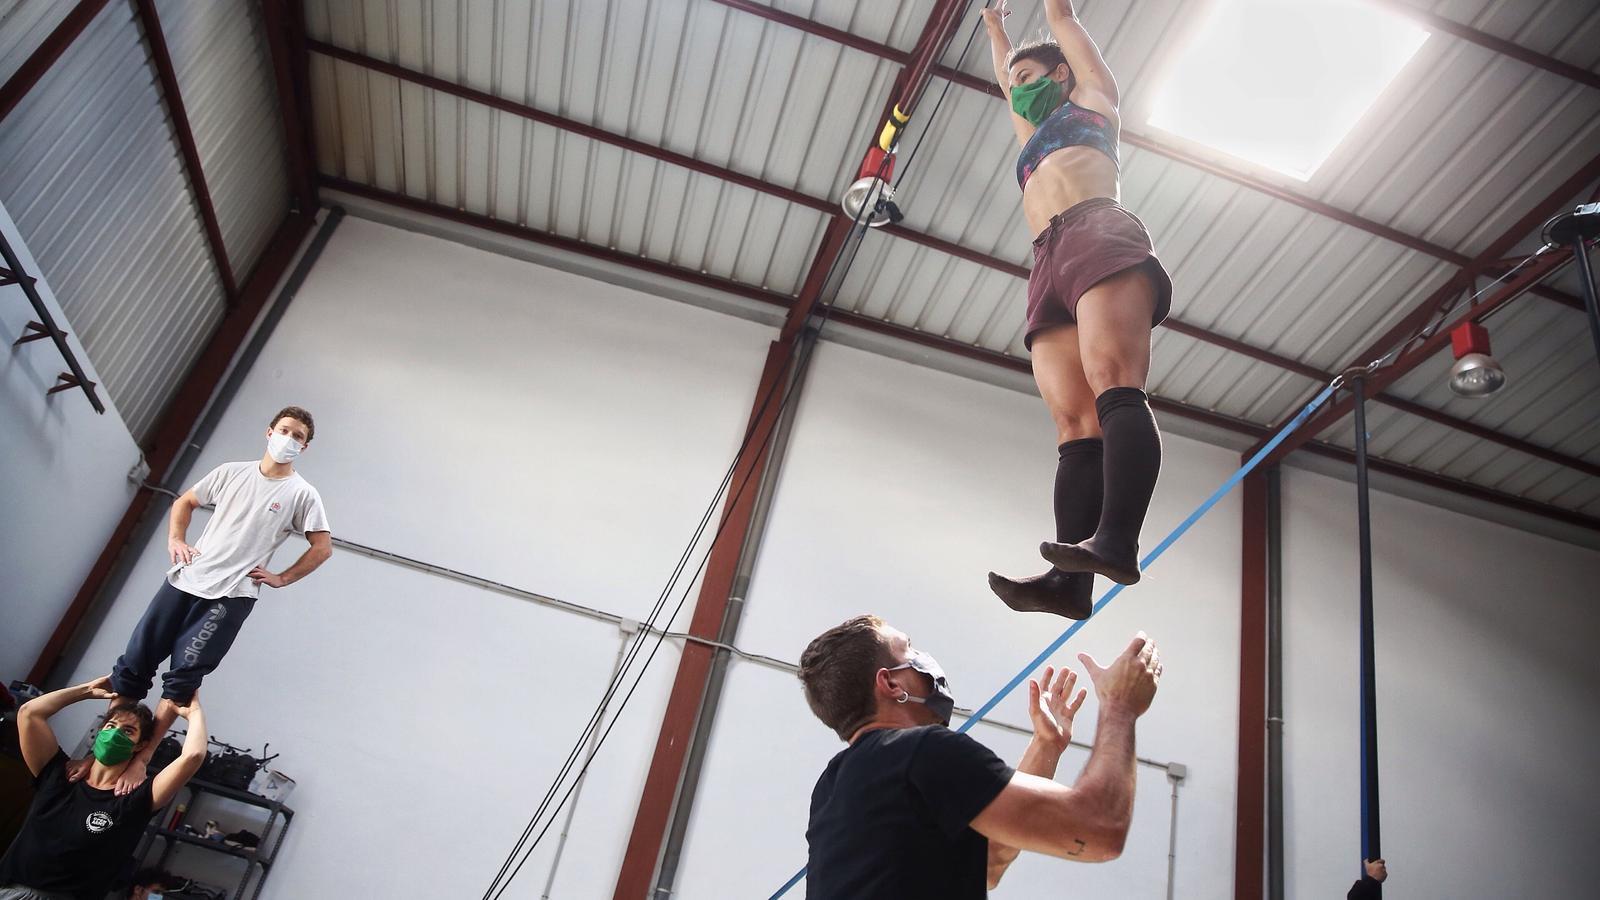 Tombarelles a l'aire amb mascareta: el circ inicia la nova normalitat